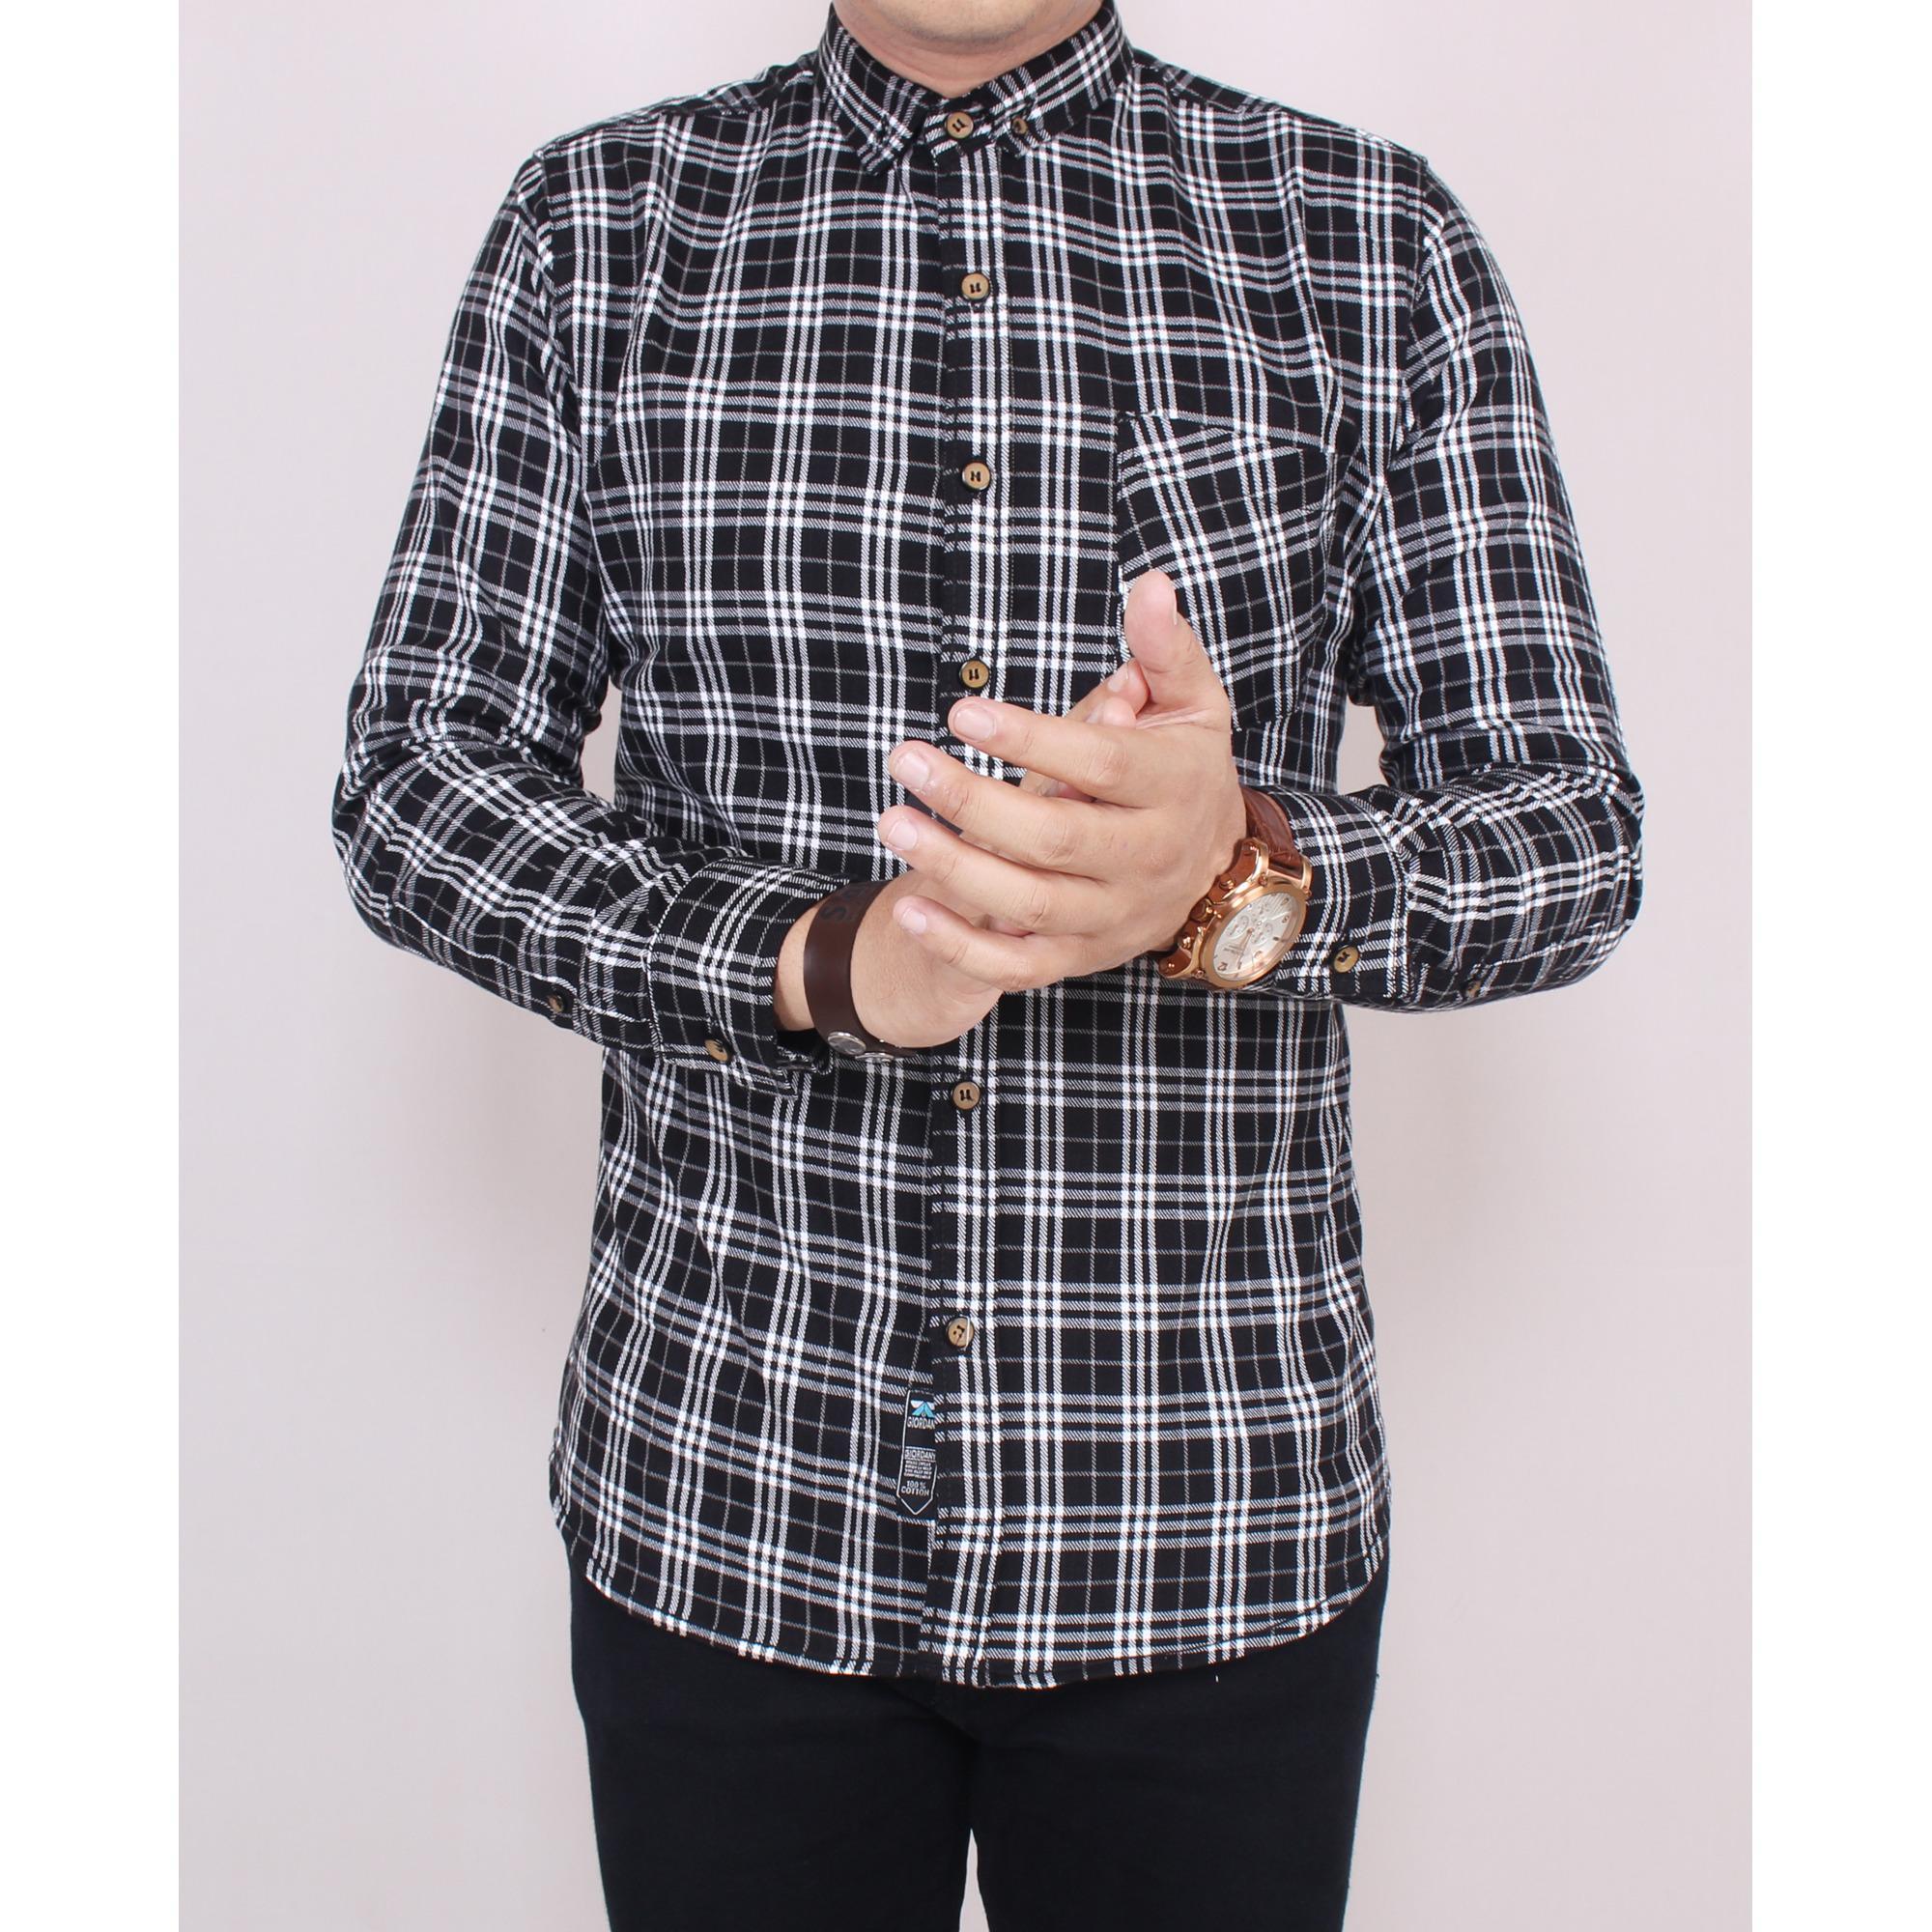 Toko Zoeystore 5533 Kemeja Flanel Pria Lengan Panjang Exclusive Baju Kemeja Flannel Cowok Kerja Kantoran Formal Hitam Kotak Putih Terlengkap